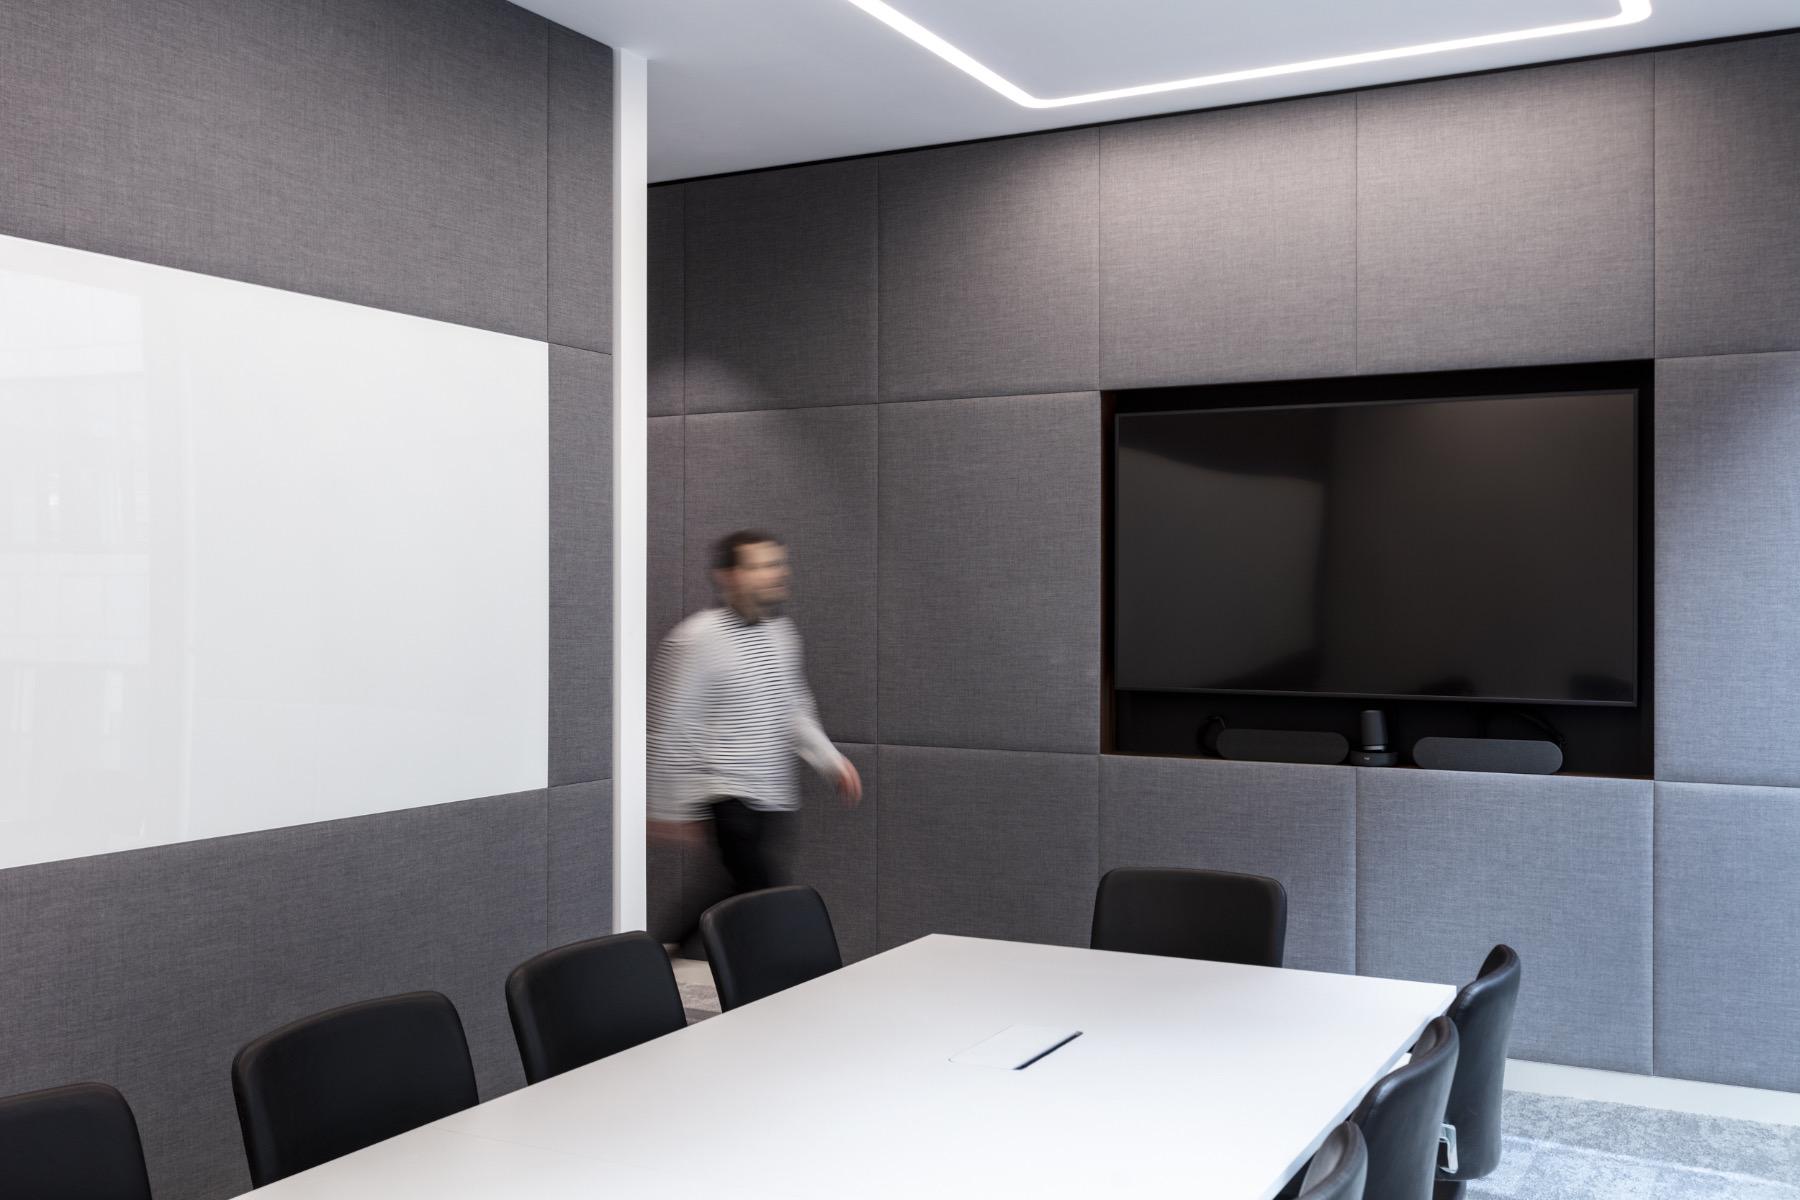 ais-office-london-6